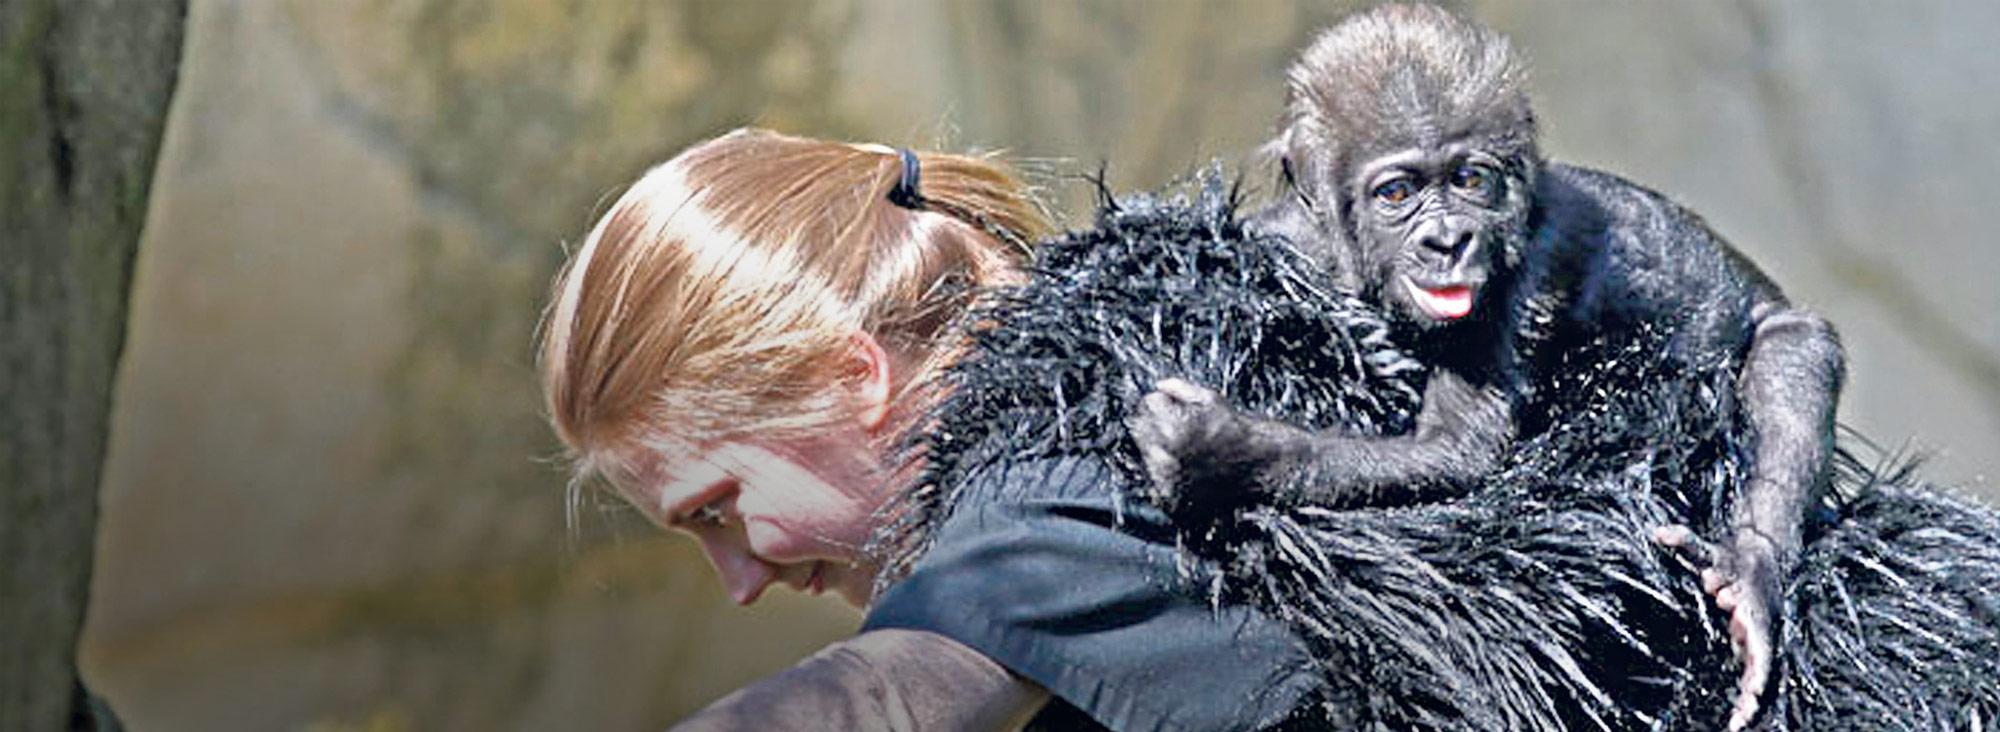 Una de las cuidadoras, vestida con un chaleco que simula el pelo de un gorila adulto, carga en la espalda a la consentida del zoológico de Cincinnati, la bebé Kamina. Foto: AFP